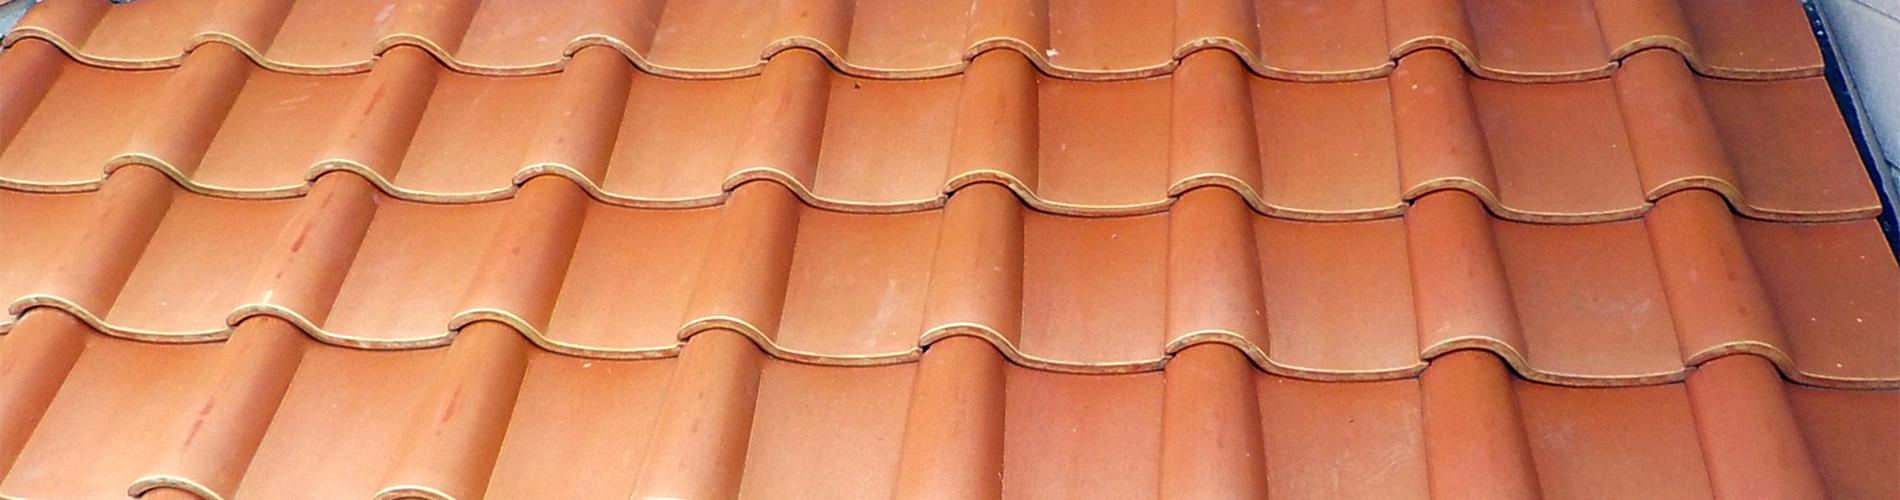 雨漏りする前に屋根修理・リフォームは創業100余年香取市の加藤瓦店